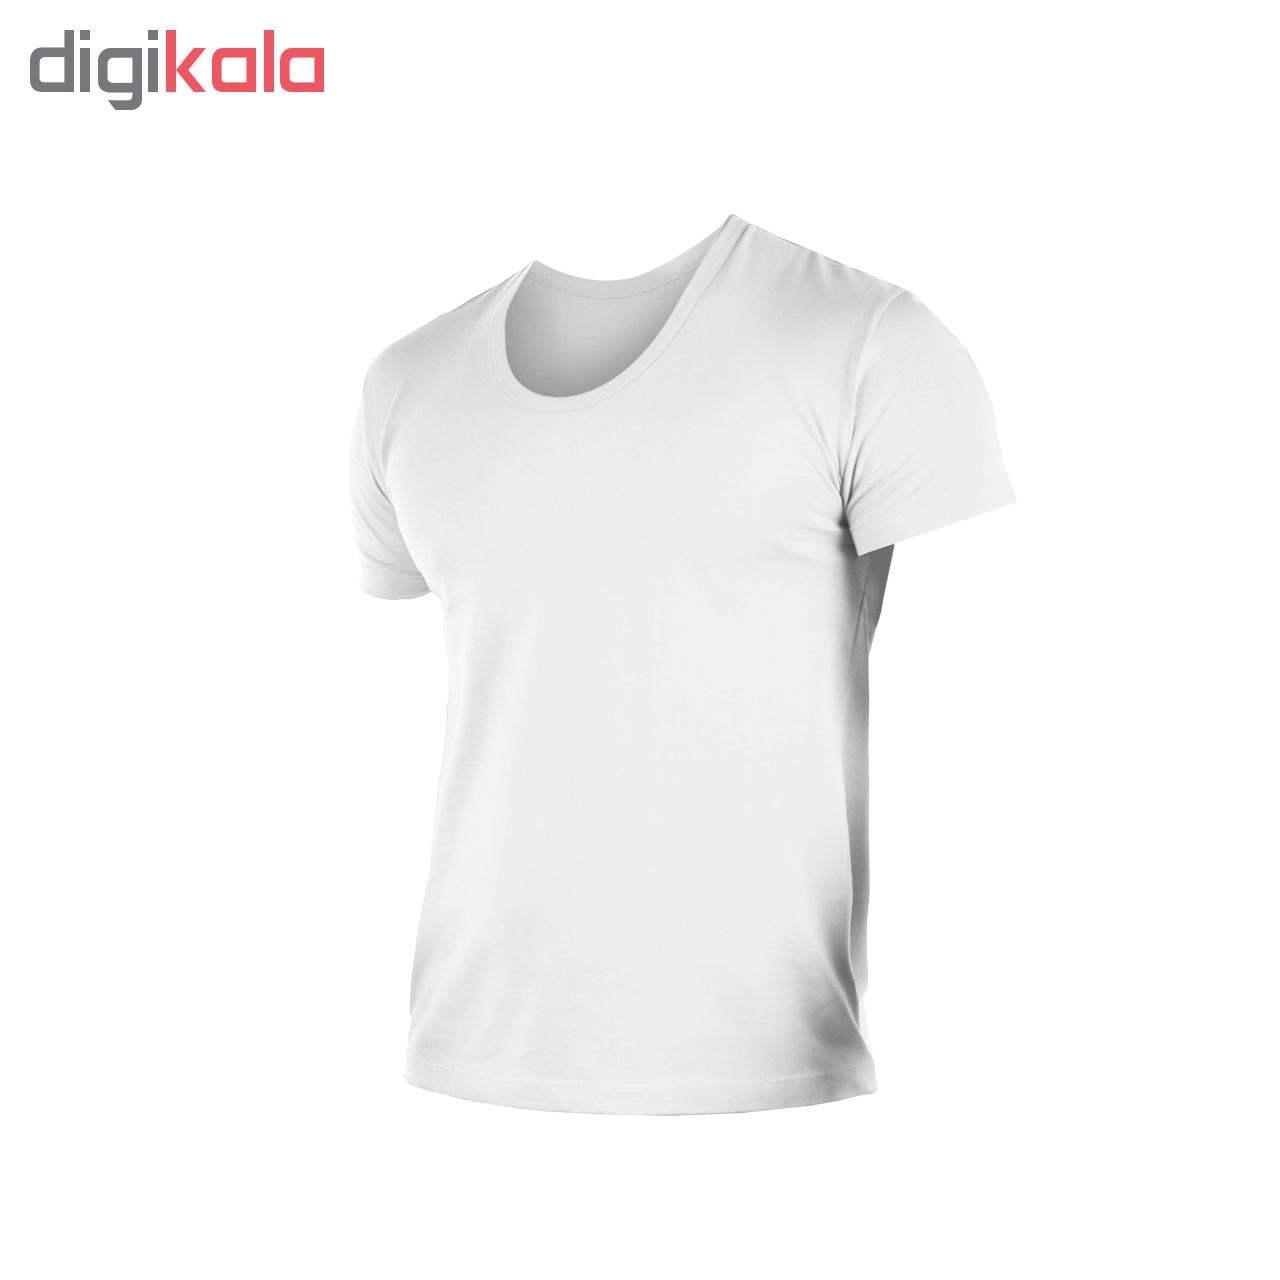 زیرپوش مردانه کیان تن پوش مدل U Neck Shirt Classic W مجموعه ۳ عددی main 1 4